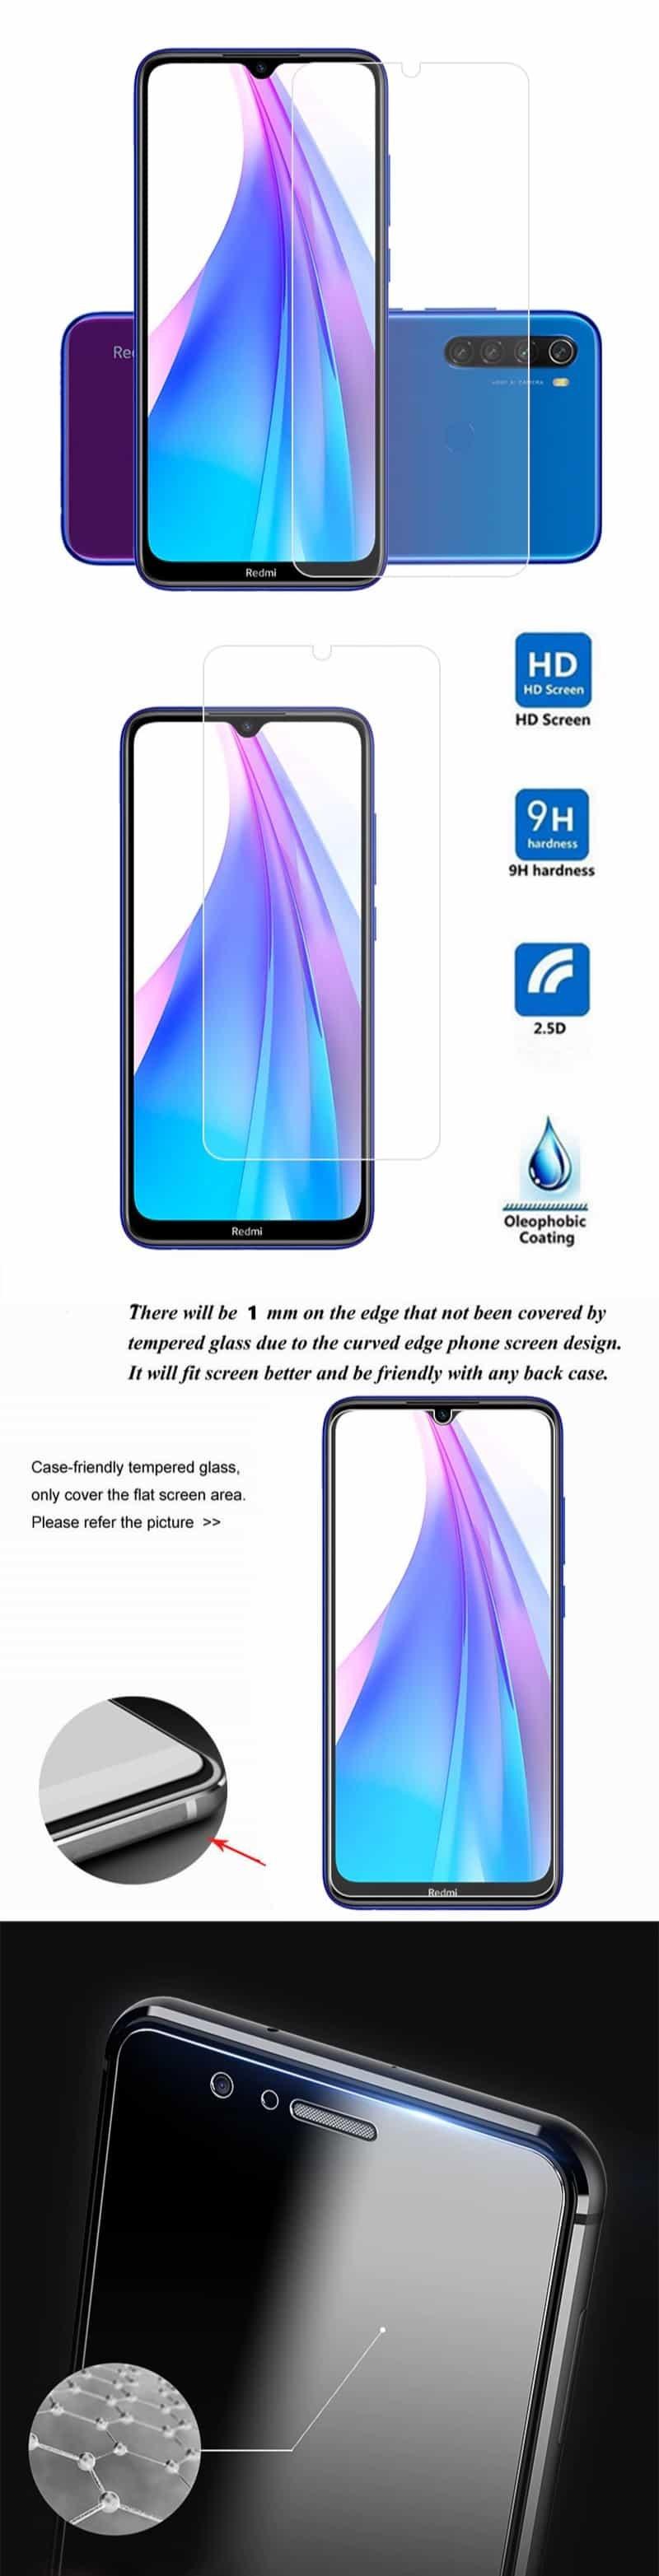 Prezentare-Folie-sticla-Xiaomi-Redmi-Note-8Td4ef3133b615bcf2.jpg